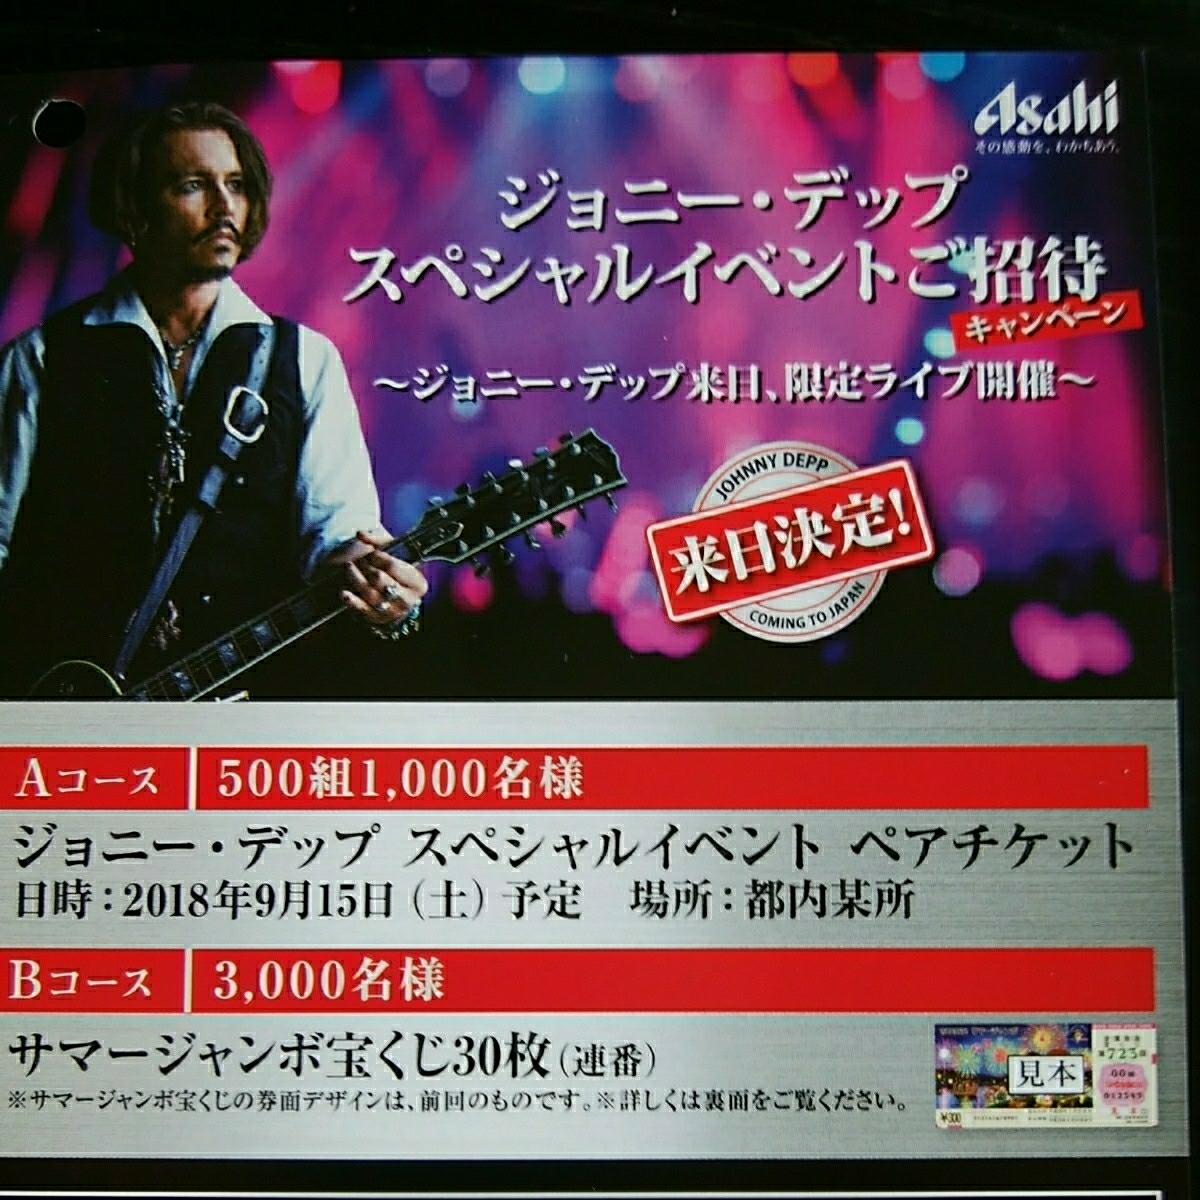 アサヒスーパードライ 432枚 ジョニー・デップ スペシャルイベント ジャンボ宝くじ応募シール k